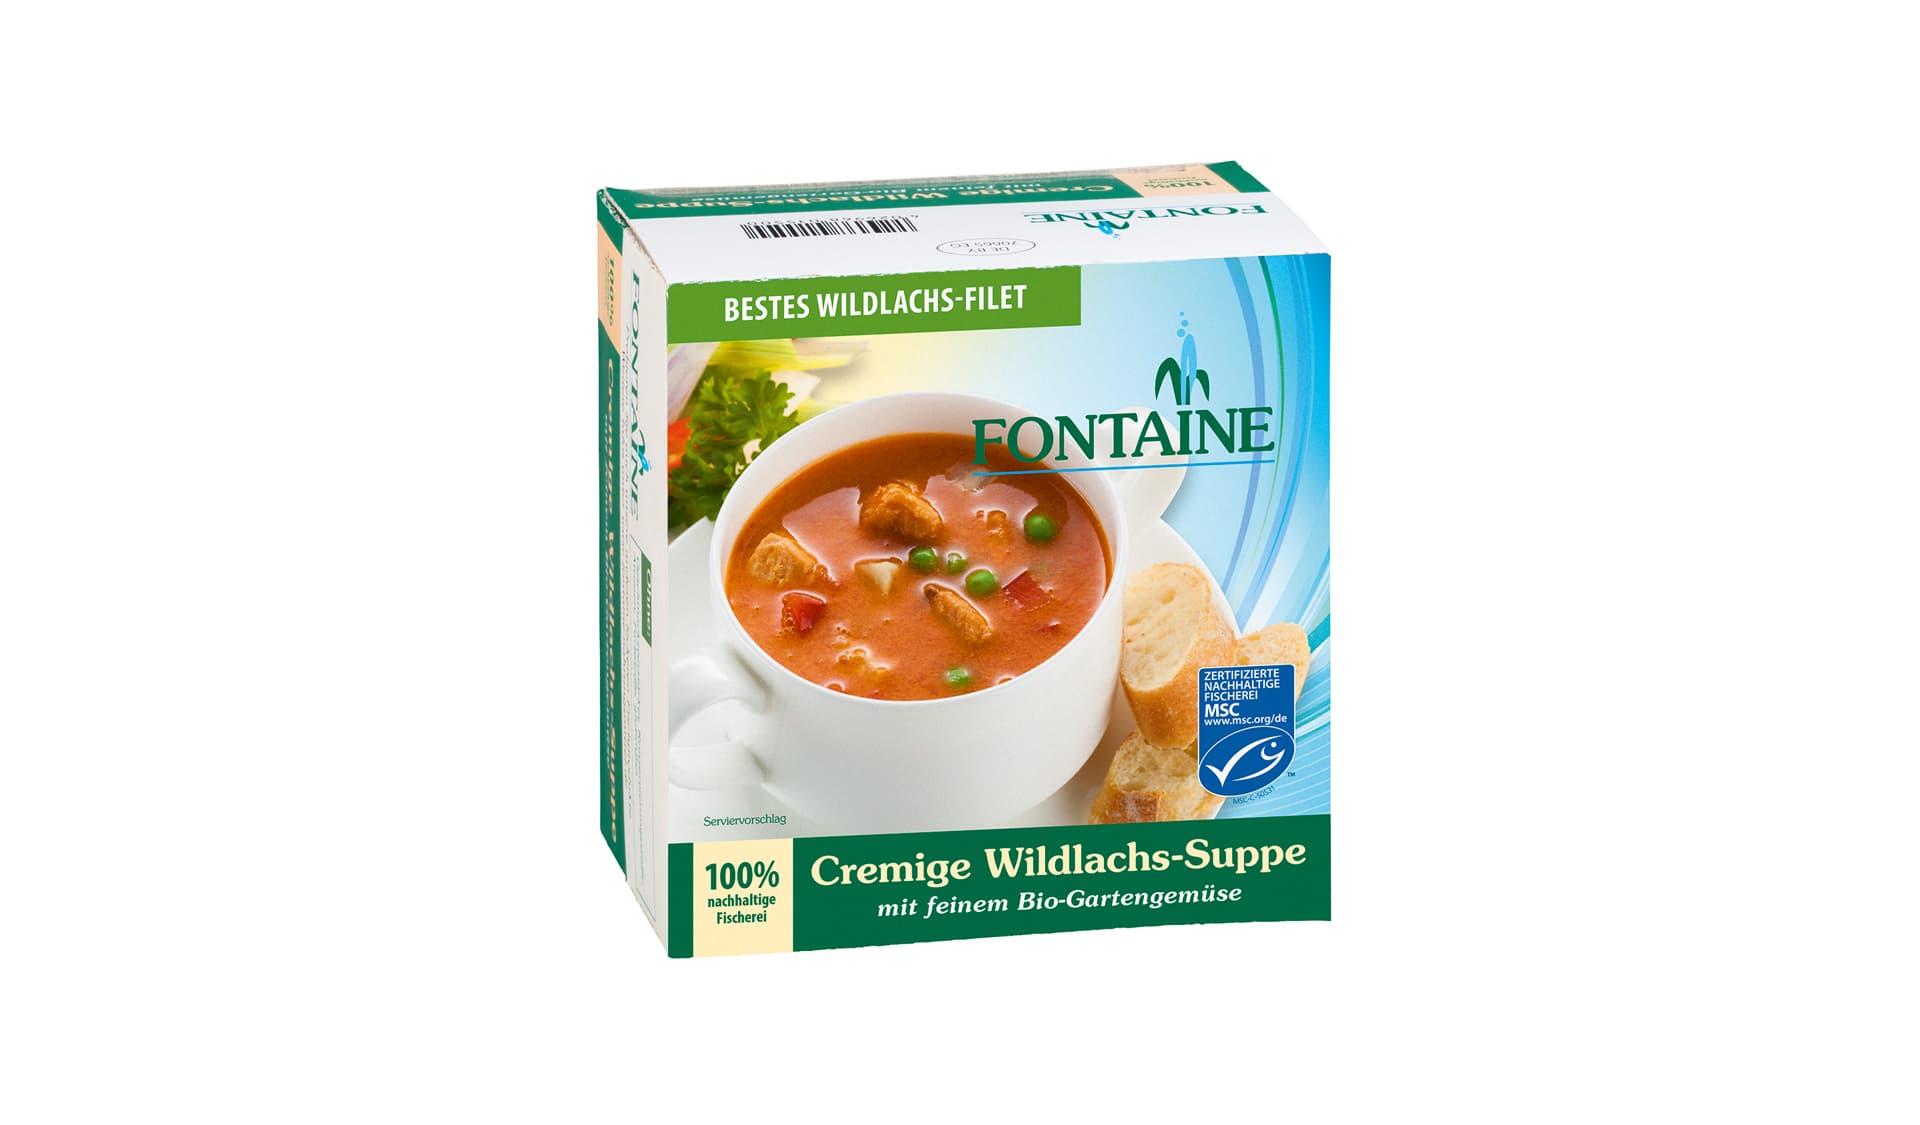 Fontaine Cremige Wildlachssuppe (www.fontaine-nahrungsmittel.de)